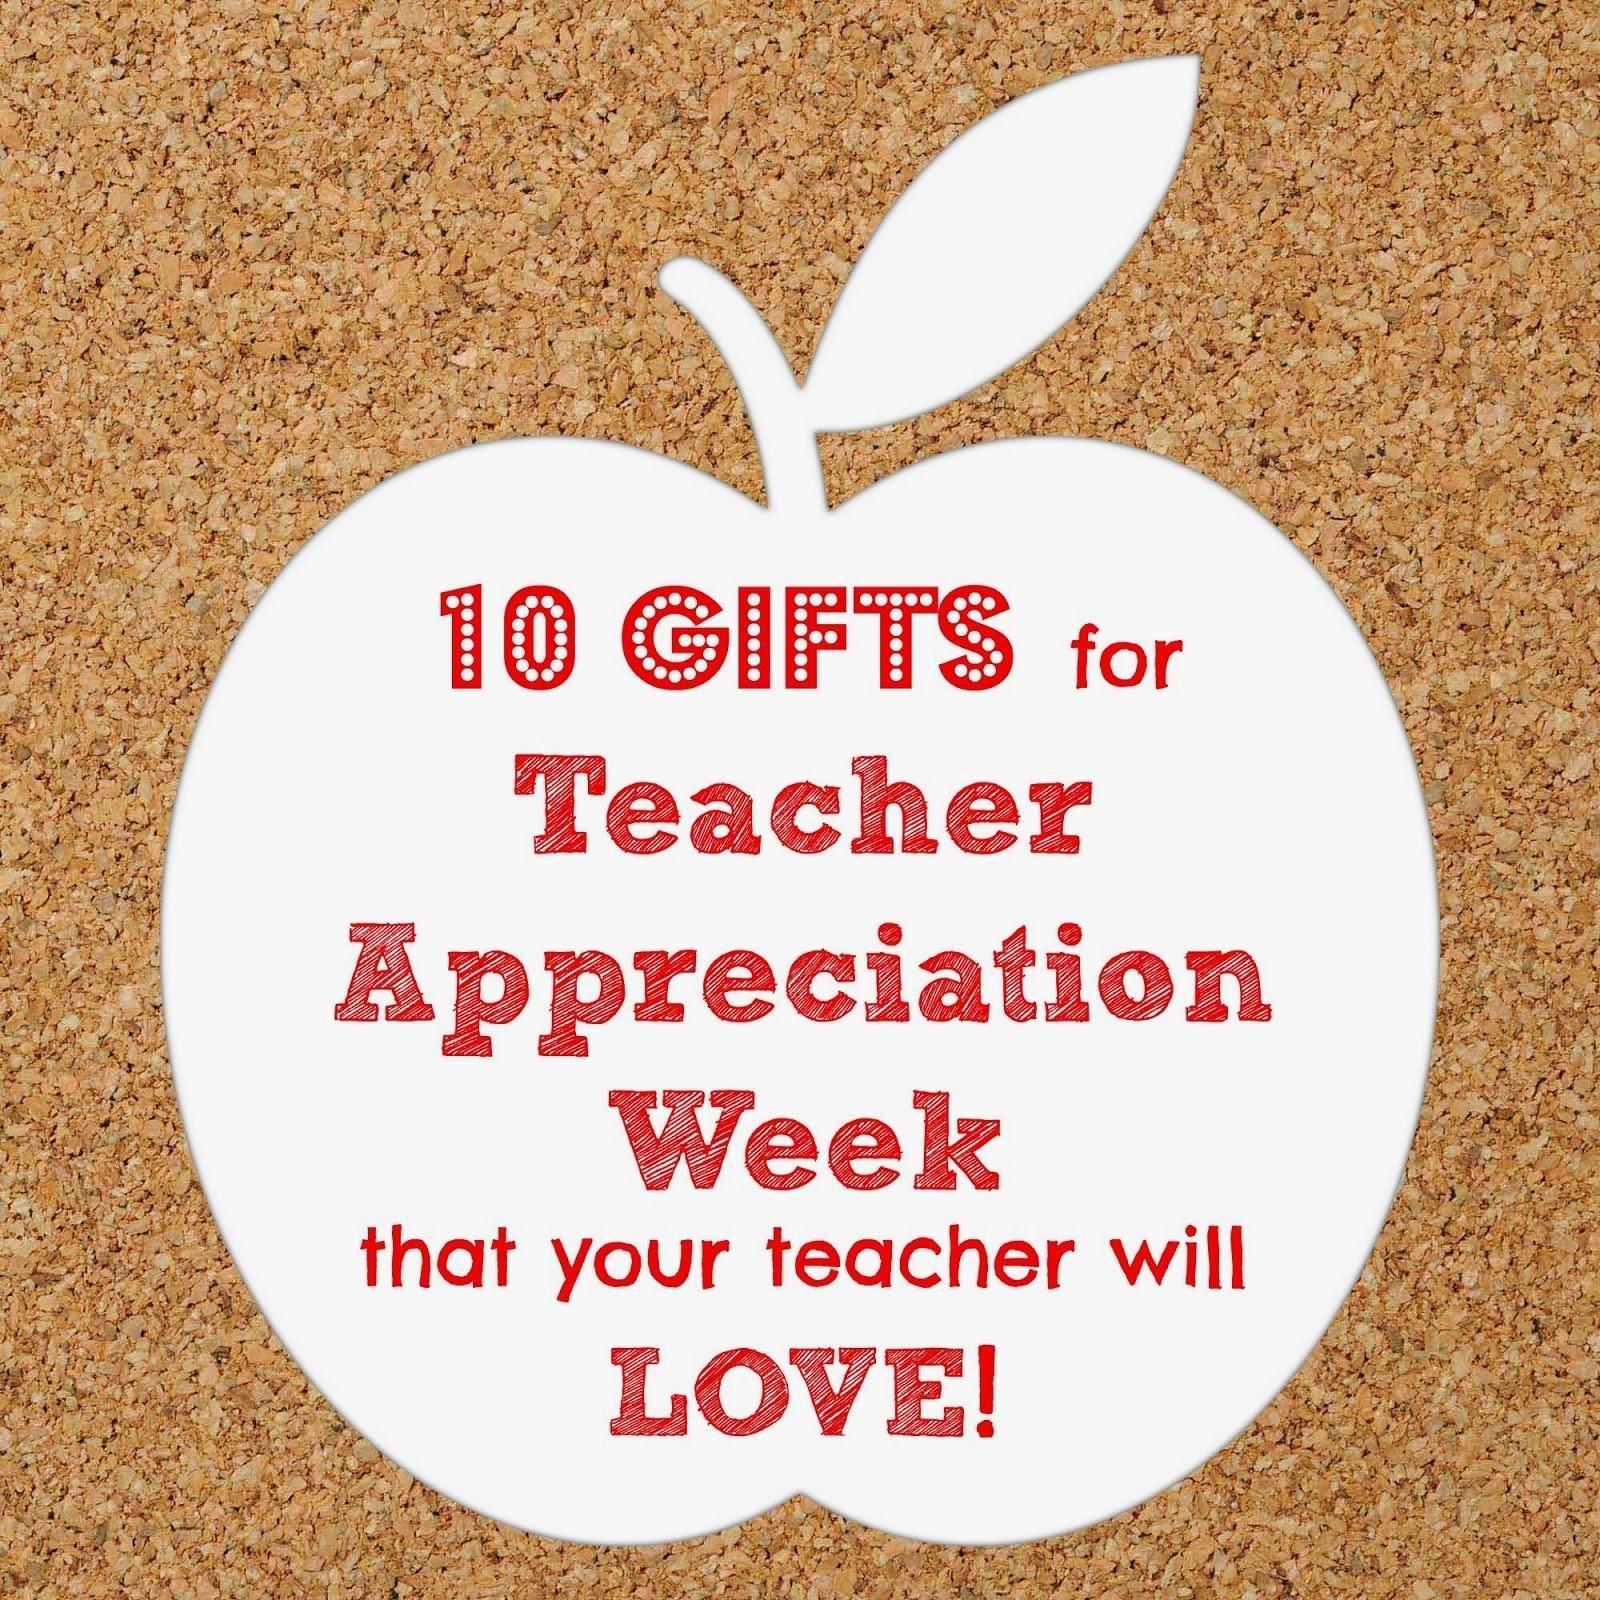 10 Famous Ideas For Teacher Appreciation Week while im waiting 10 gift ideas for teacher appreciation week 2 2020